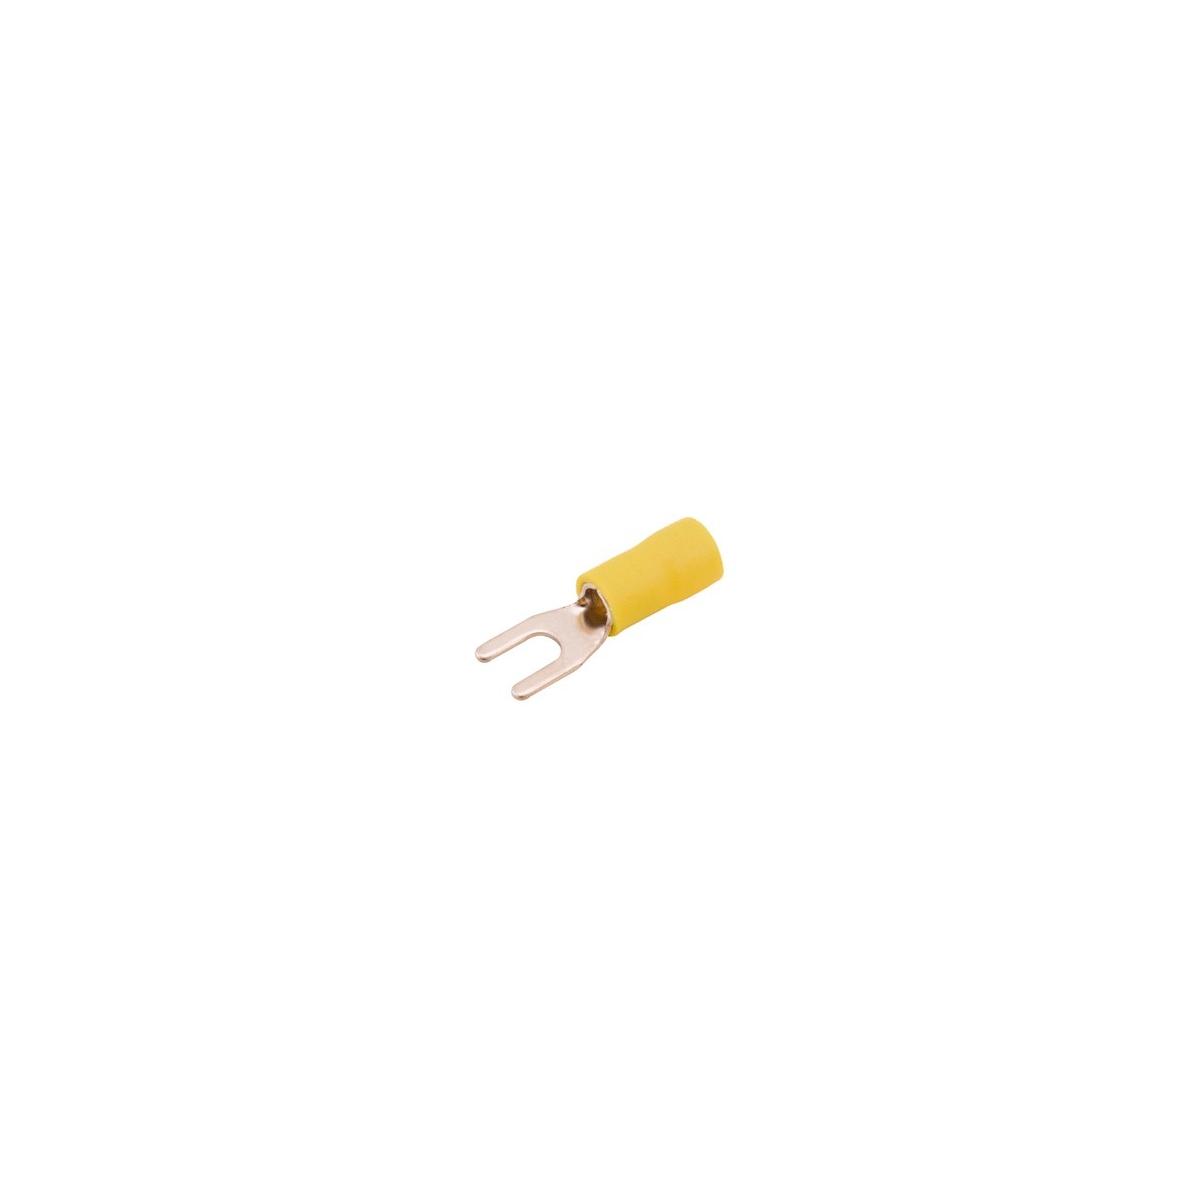 TERMINAL FORQUILHA - AM - 4MM - BS41753 F-